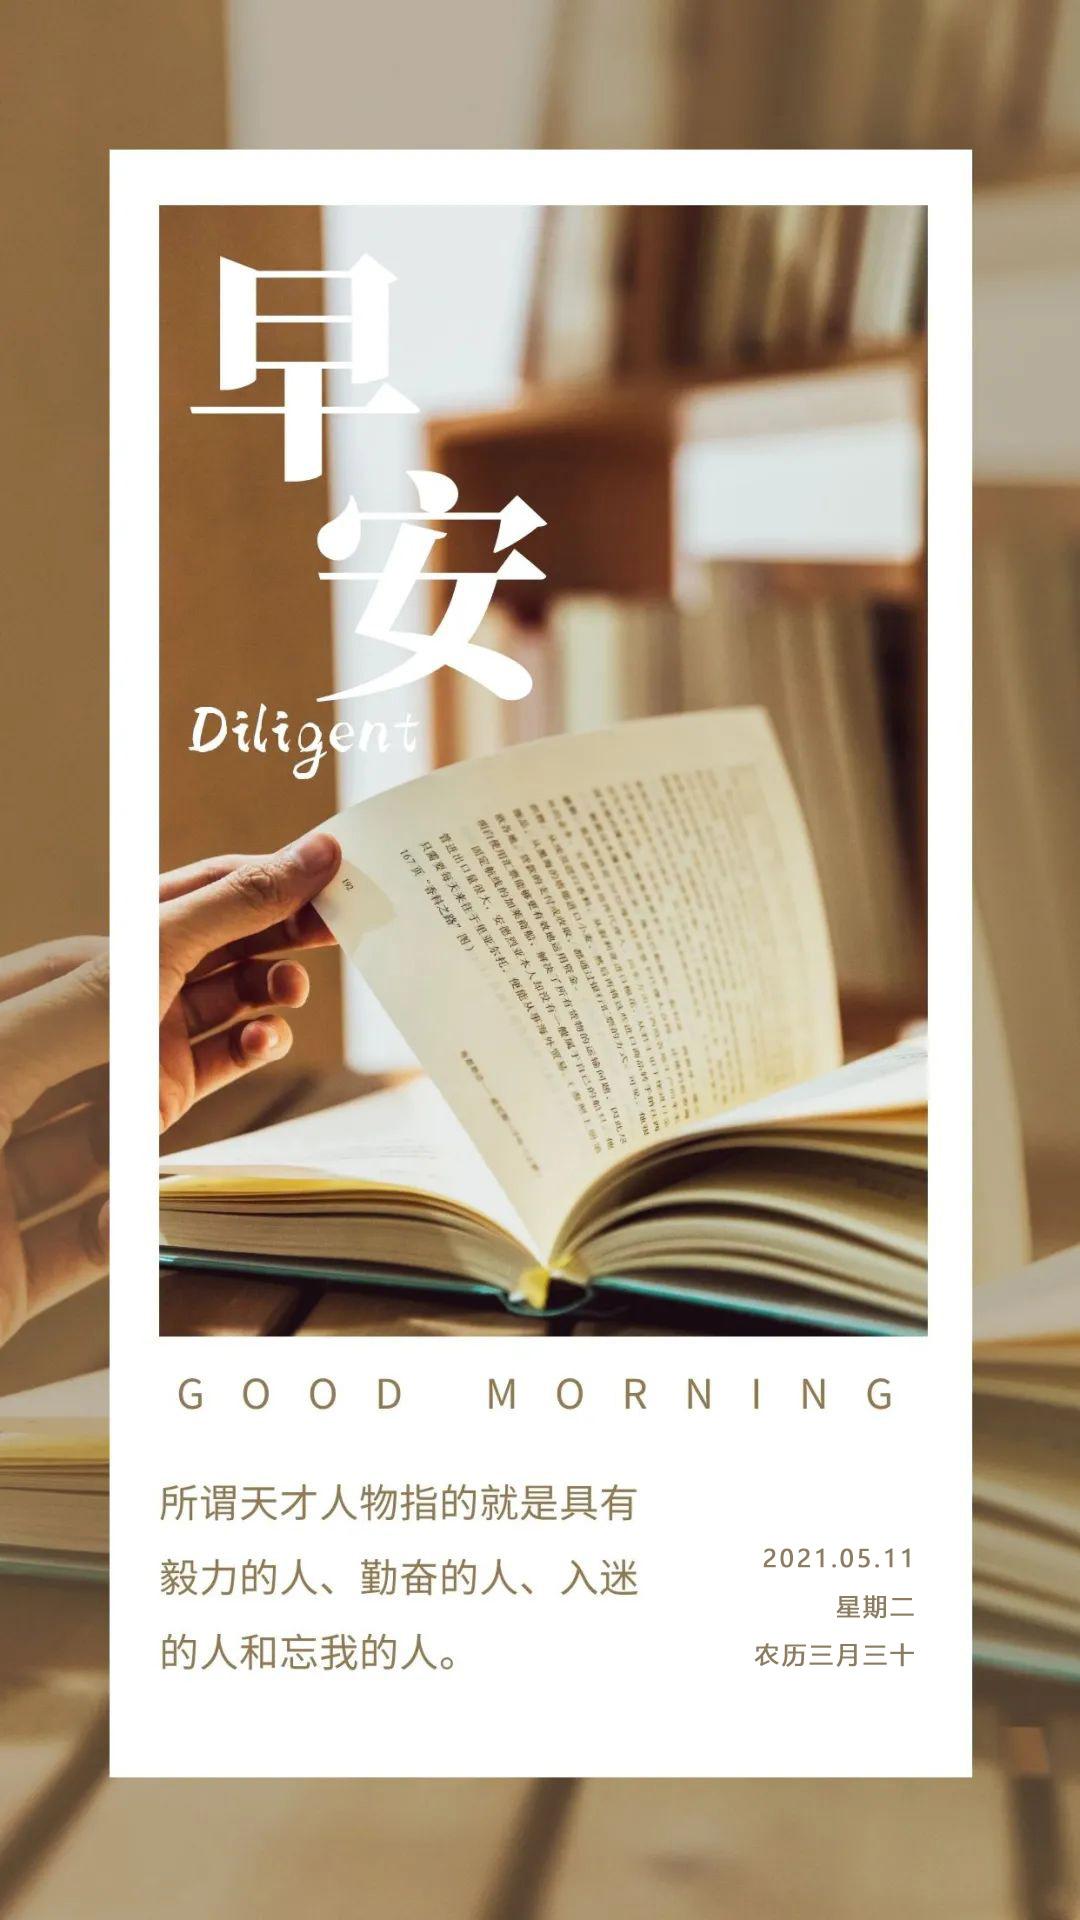 积极努力的早安语句带图片,励志早上问候句子